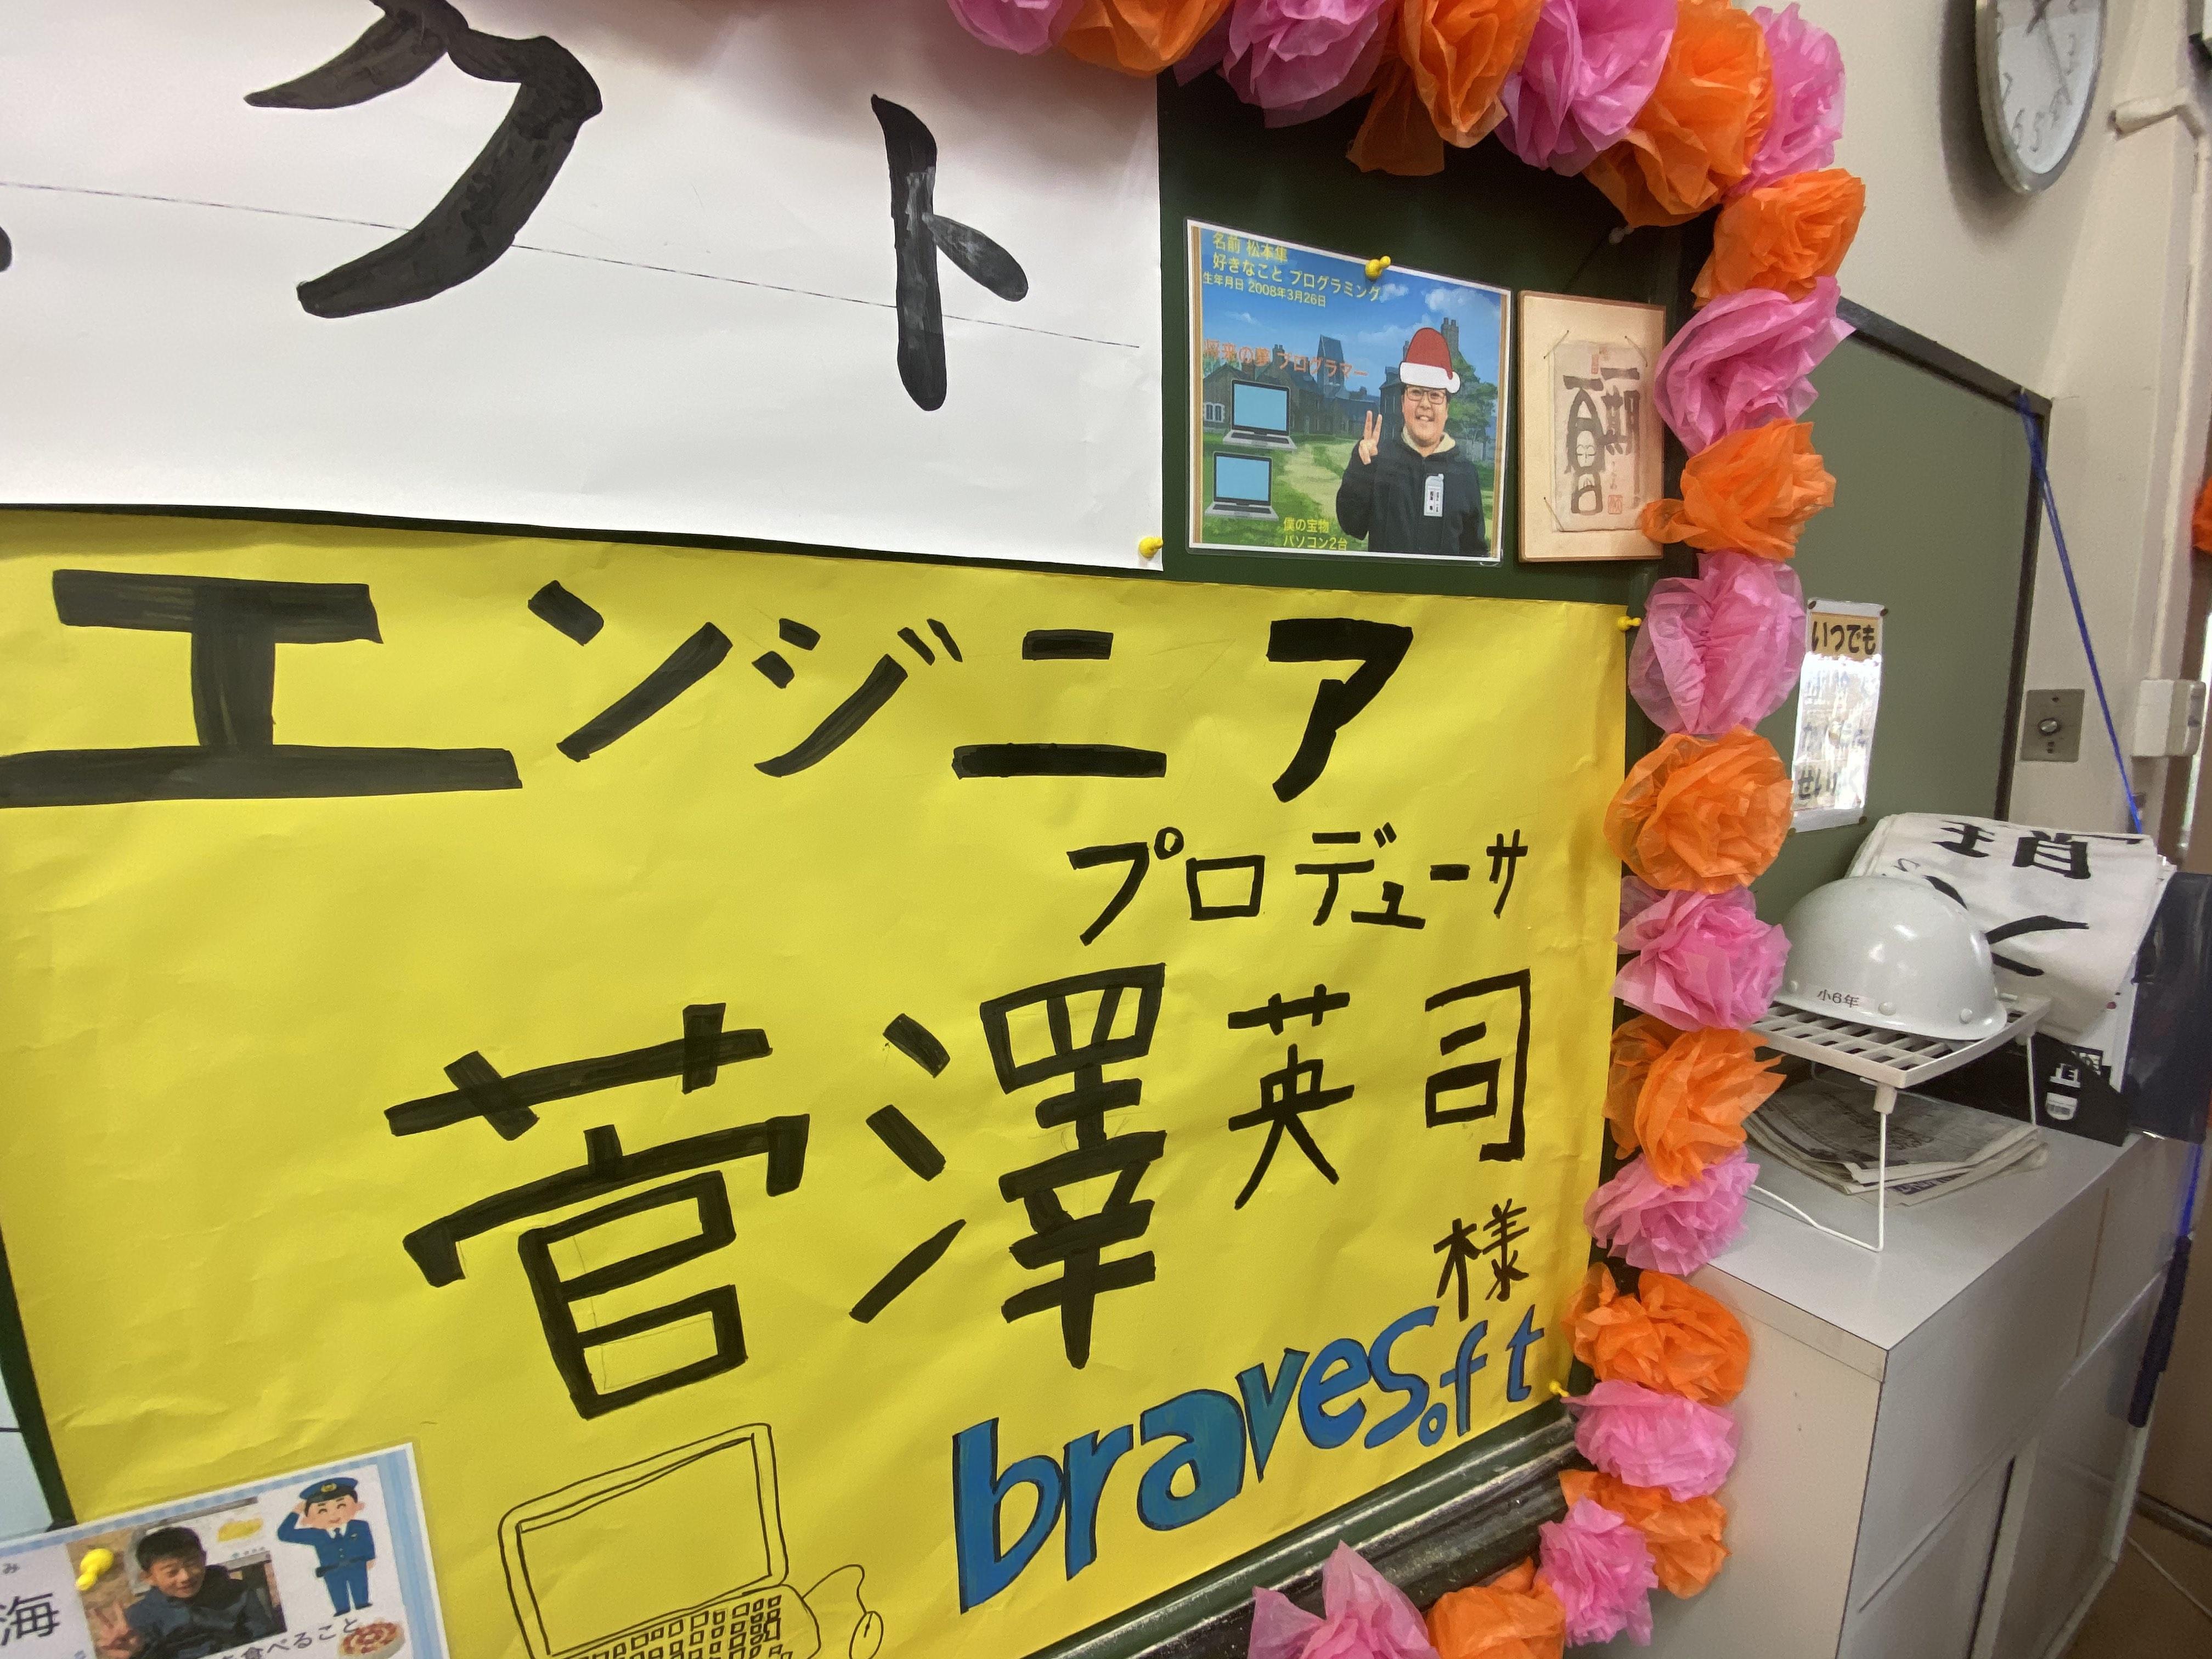 ゲストとして菅澤英司の名前を大きく紹介して頂きました|bravesoft